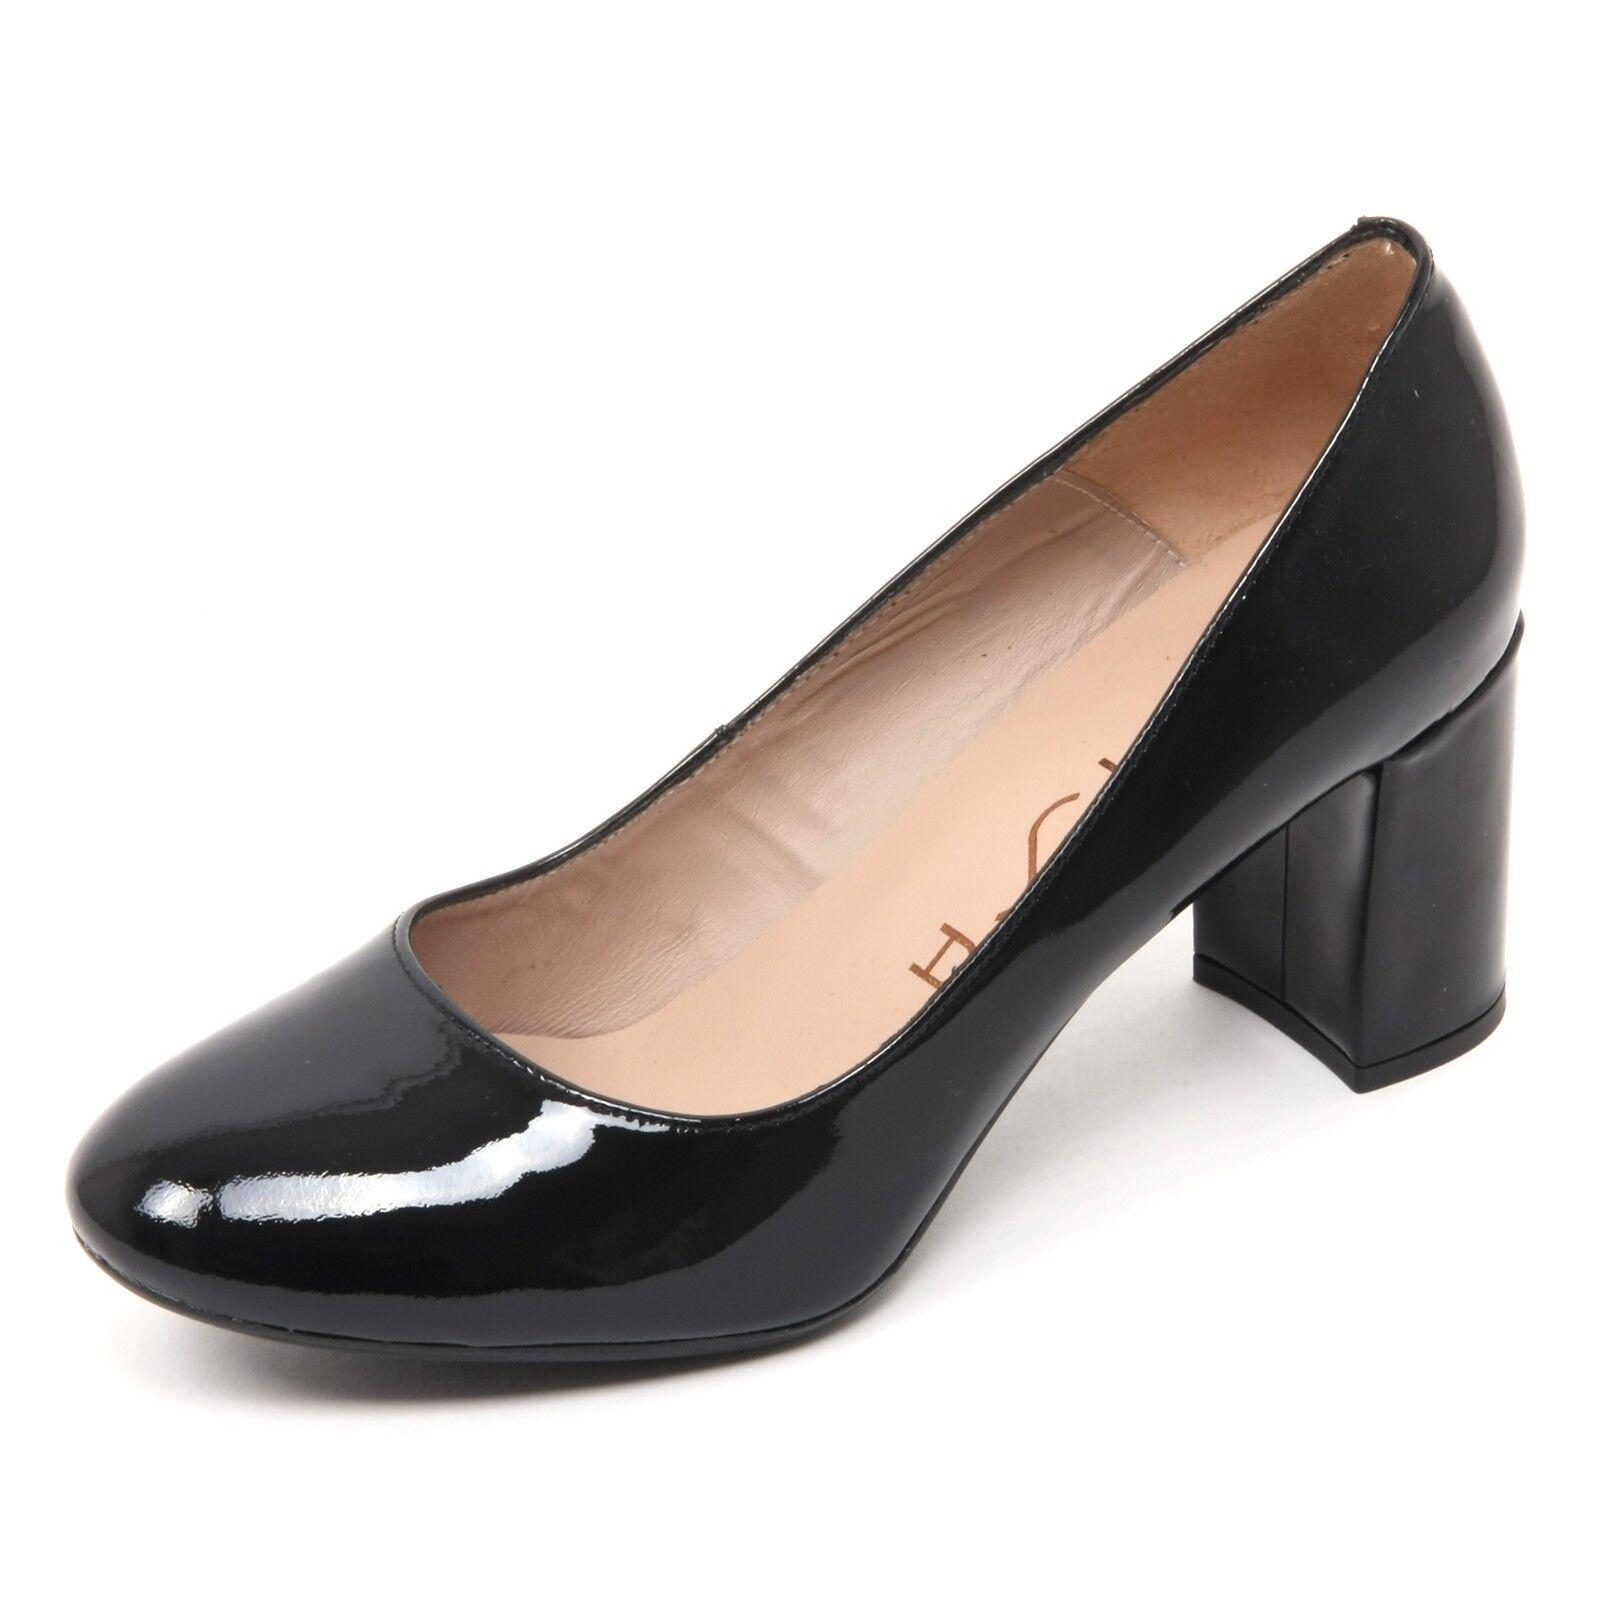 B7688 Escote mujer UNISA mifes Scarpa Scarpa Scarpa negro Vernice Zapato Mujer  calidad de primera clase